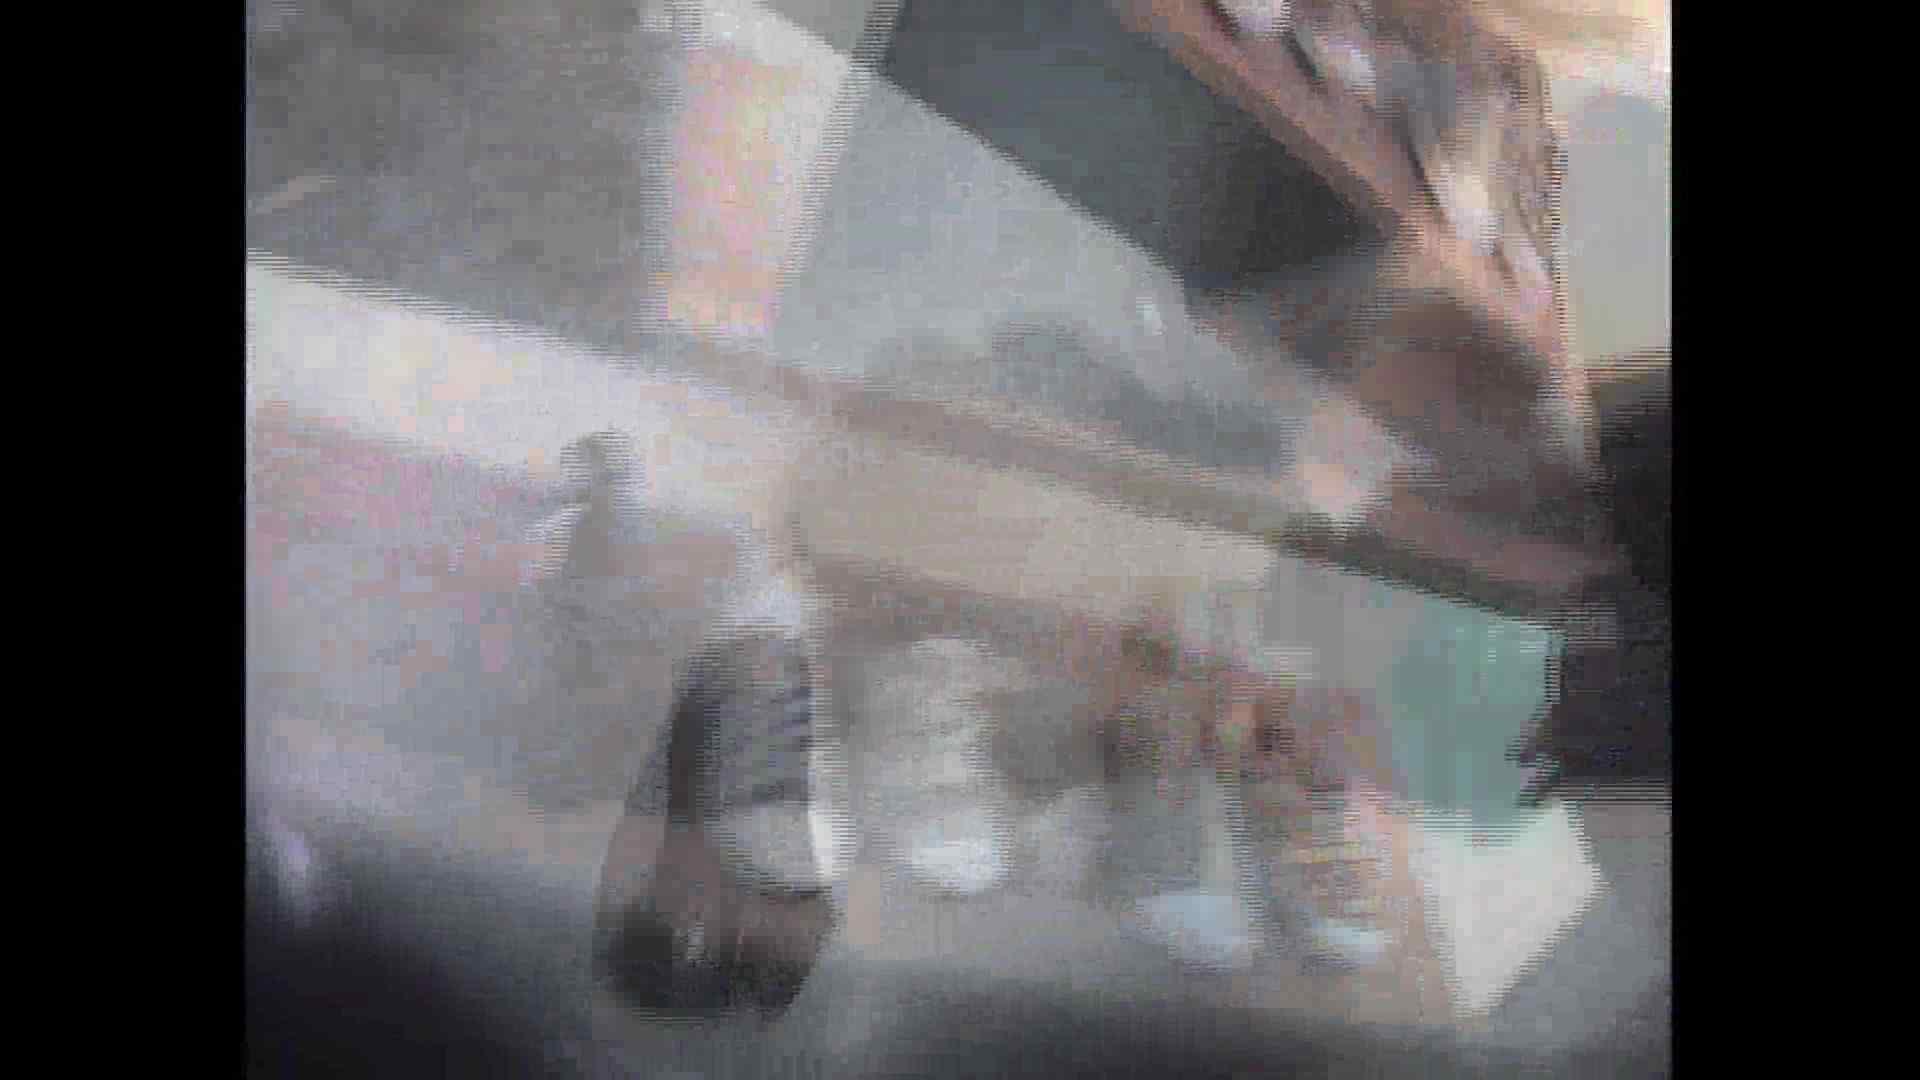 働く美女の谷間参拝 Vol.01 美女丸裸 AV無料 83pic 79